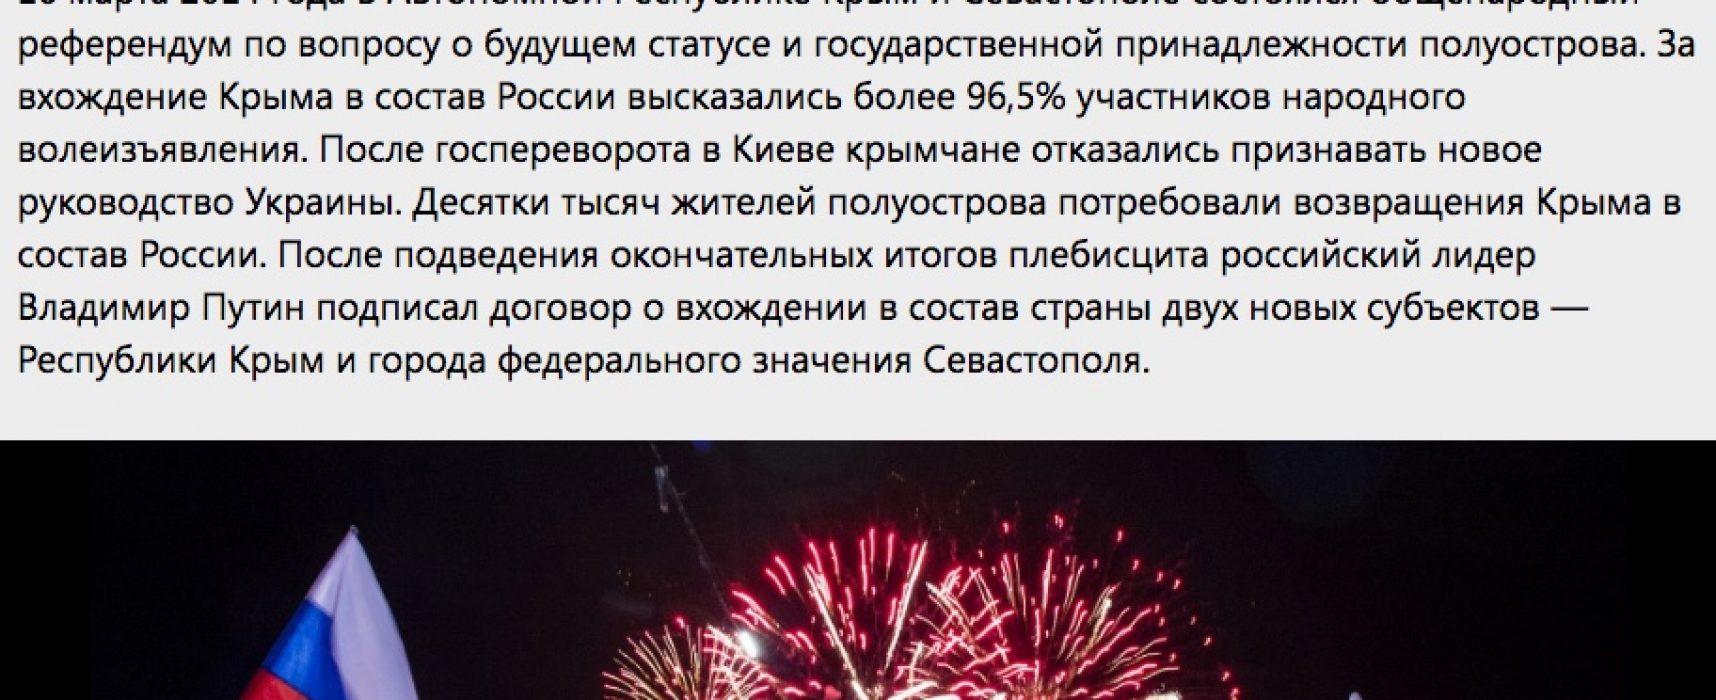 «Відповідно до міжнародного права»: як російські ЗМІ «святкували» шість років анексії Криму